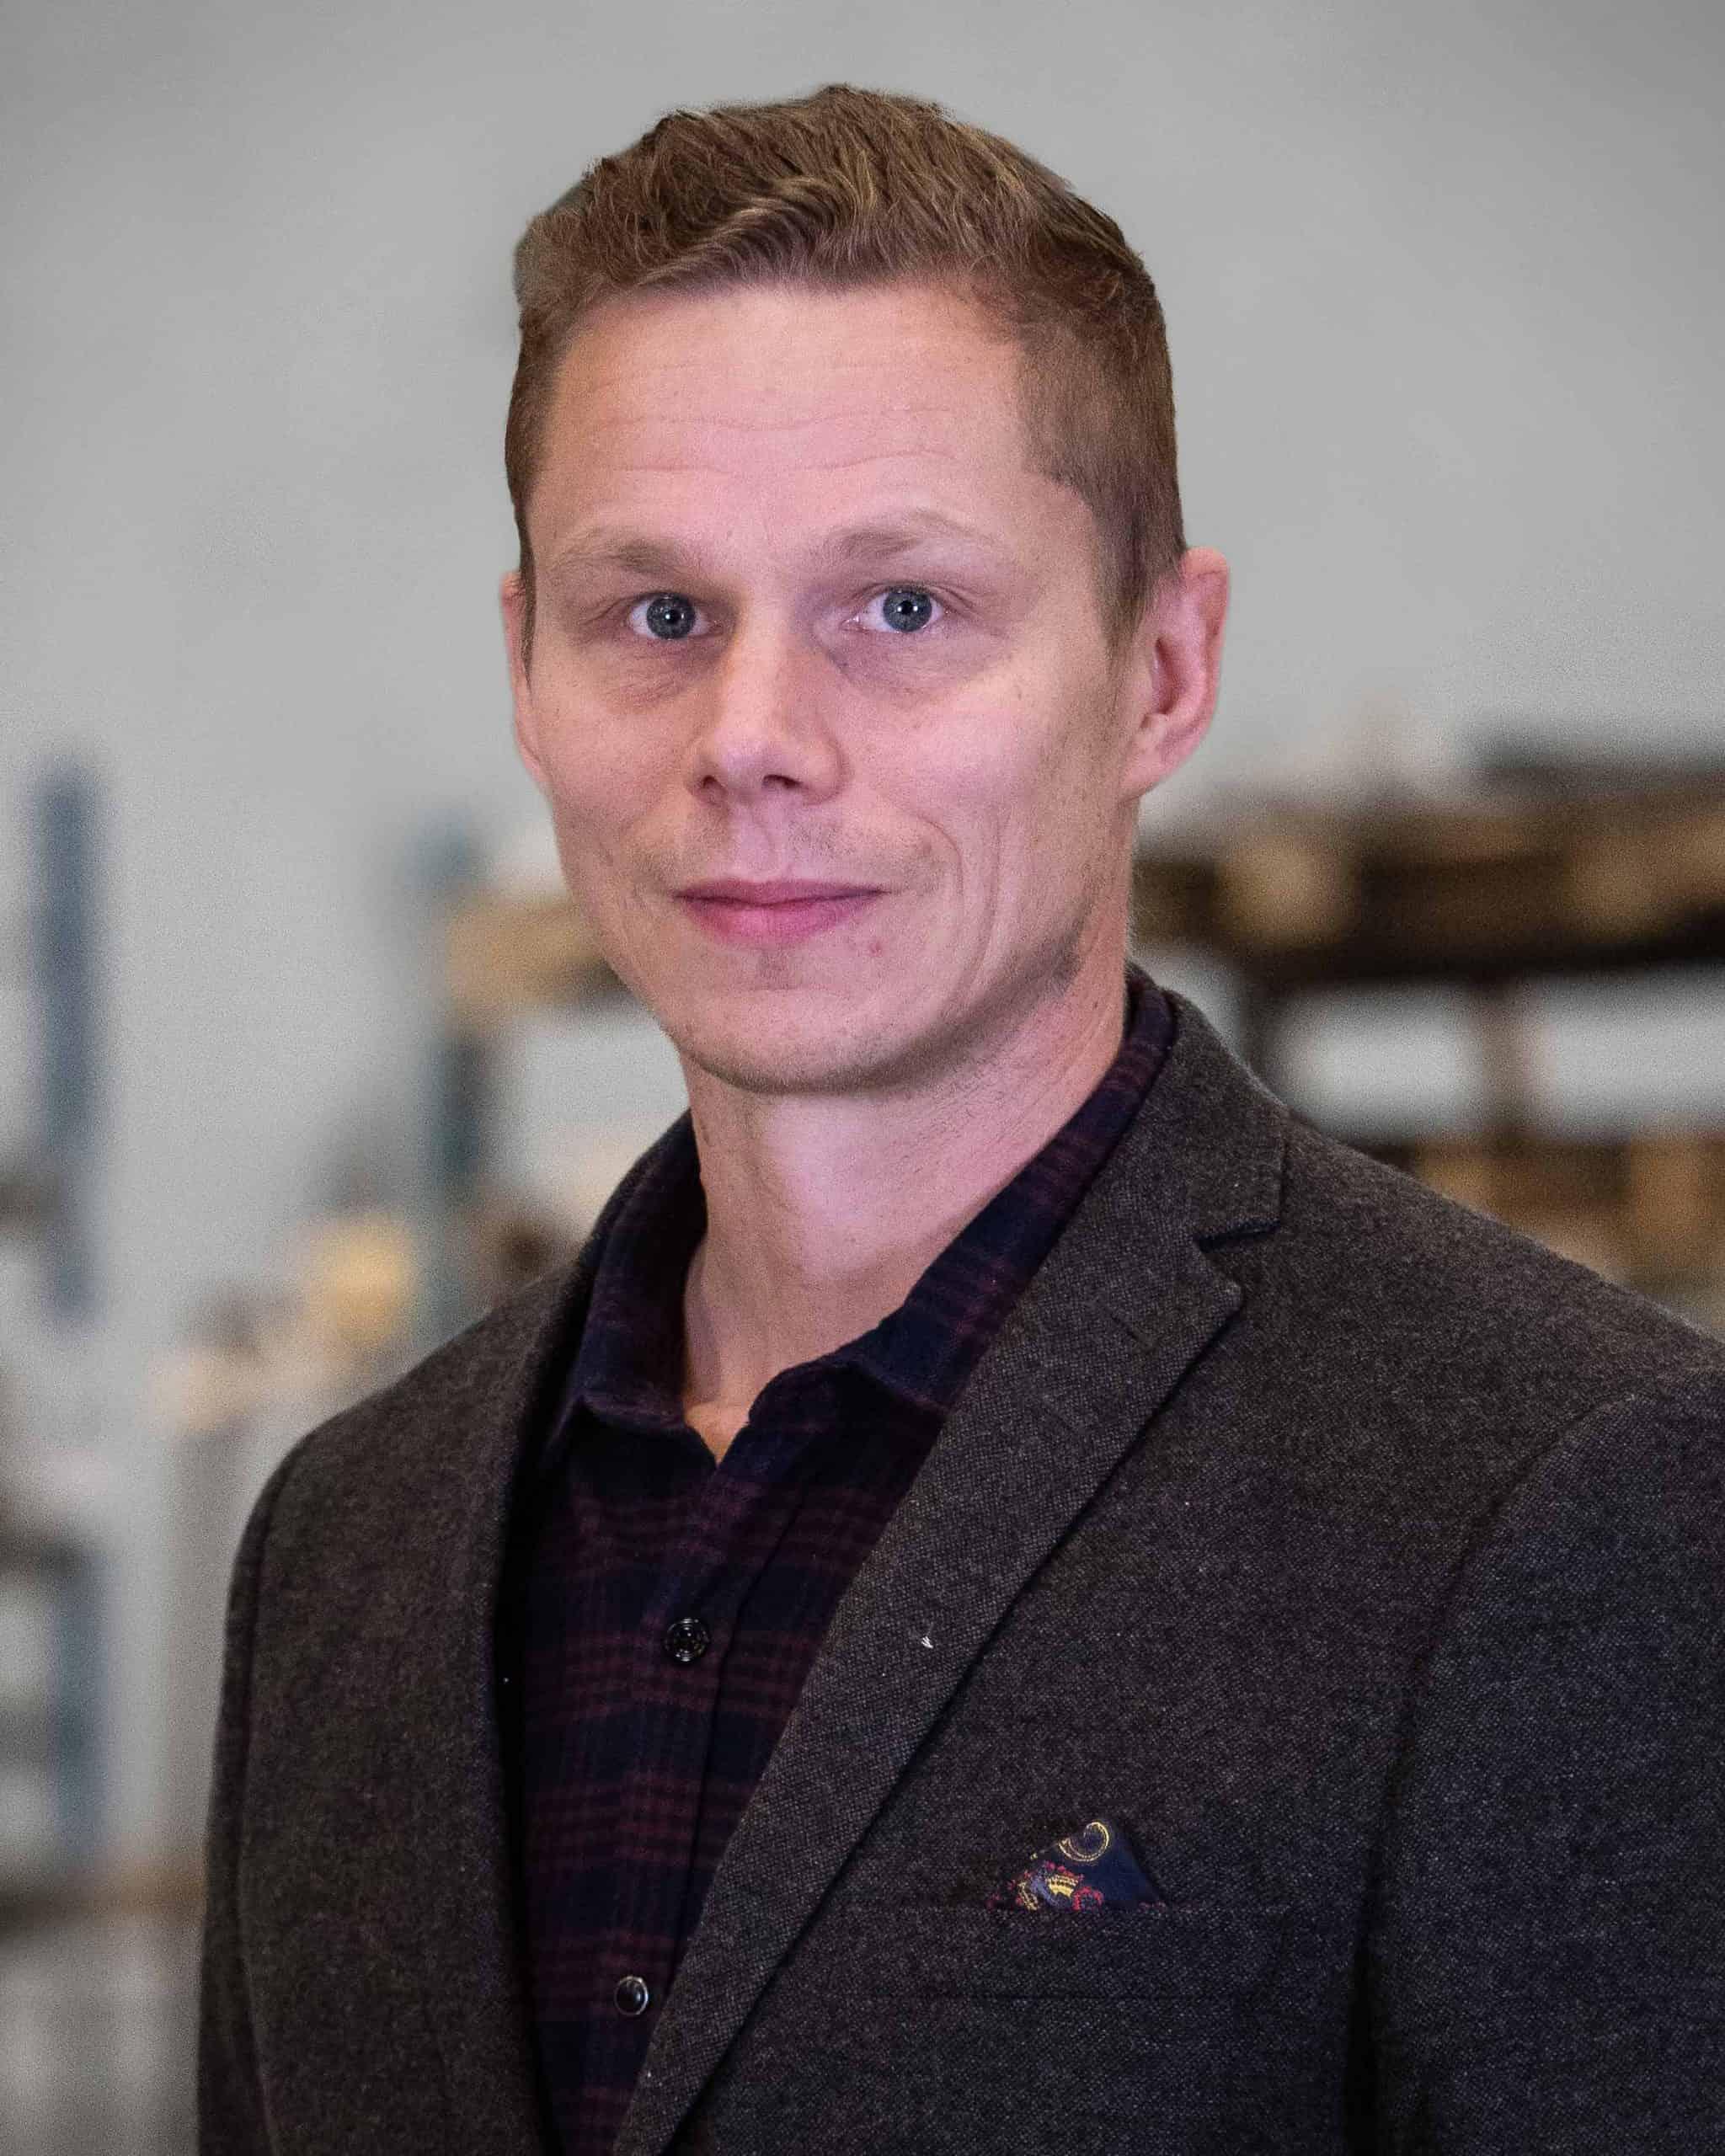 Oscar Sahlberg